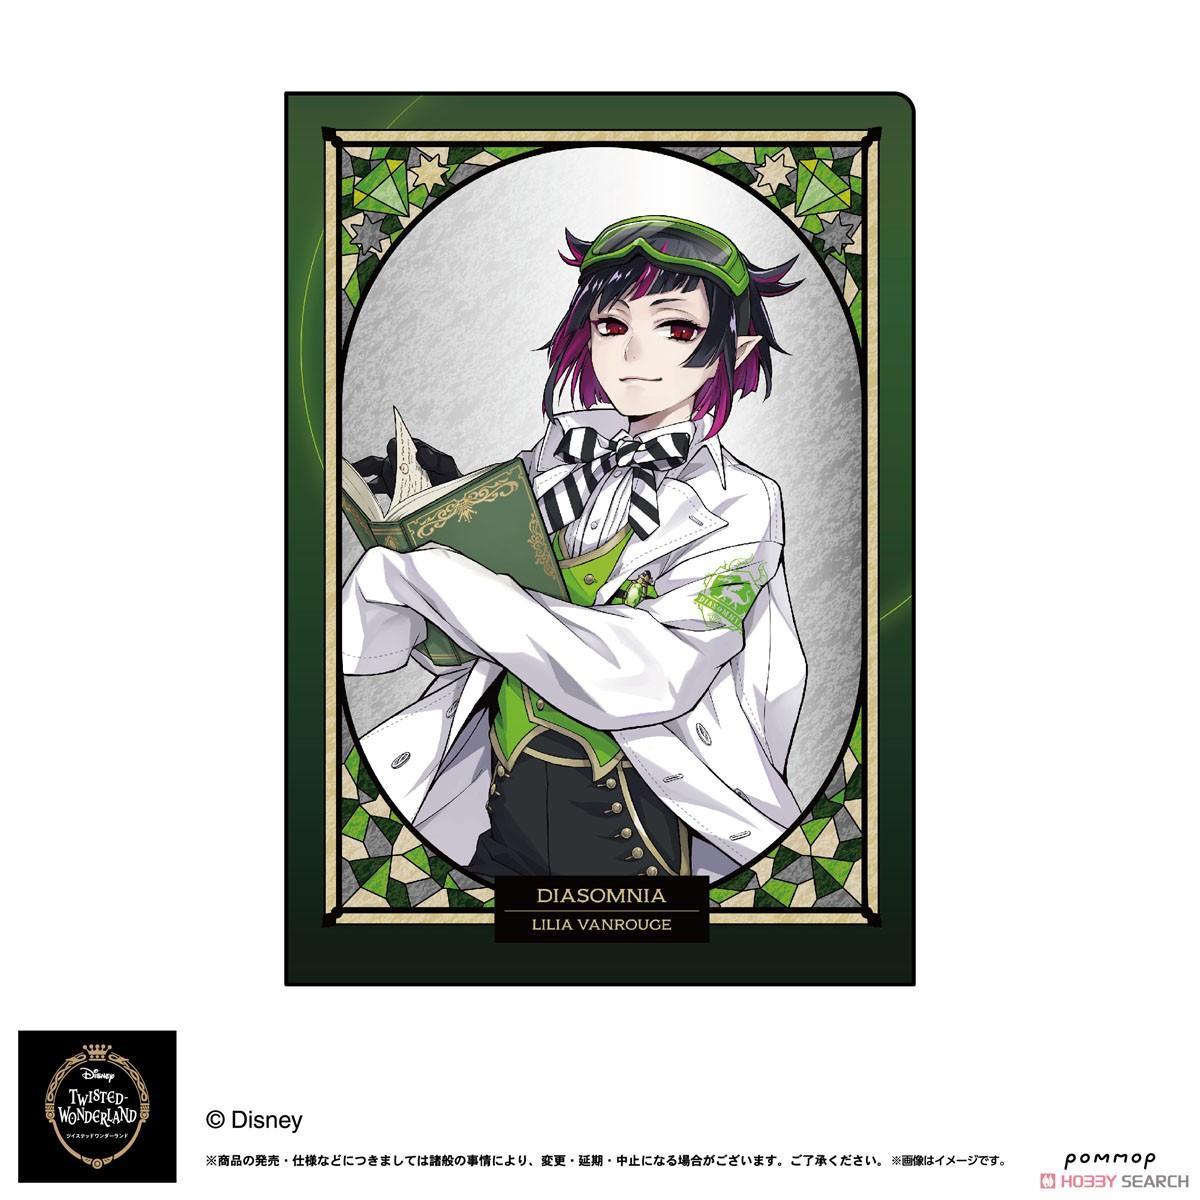 ディズニー ツイステッドワンダーランド『A5ダブルクリアファイルコレクション A』11個入りBOX-022